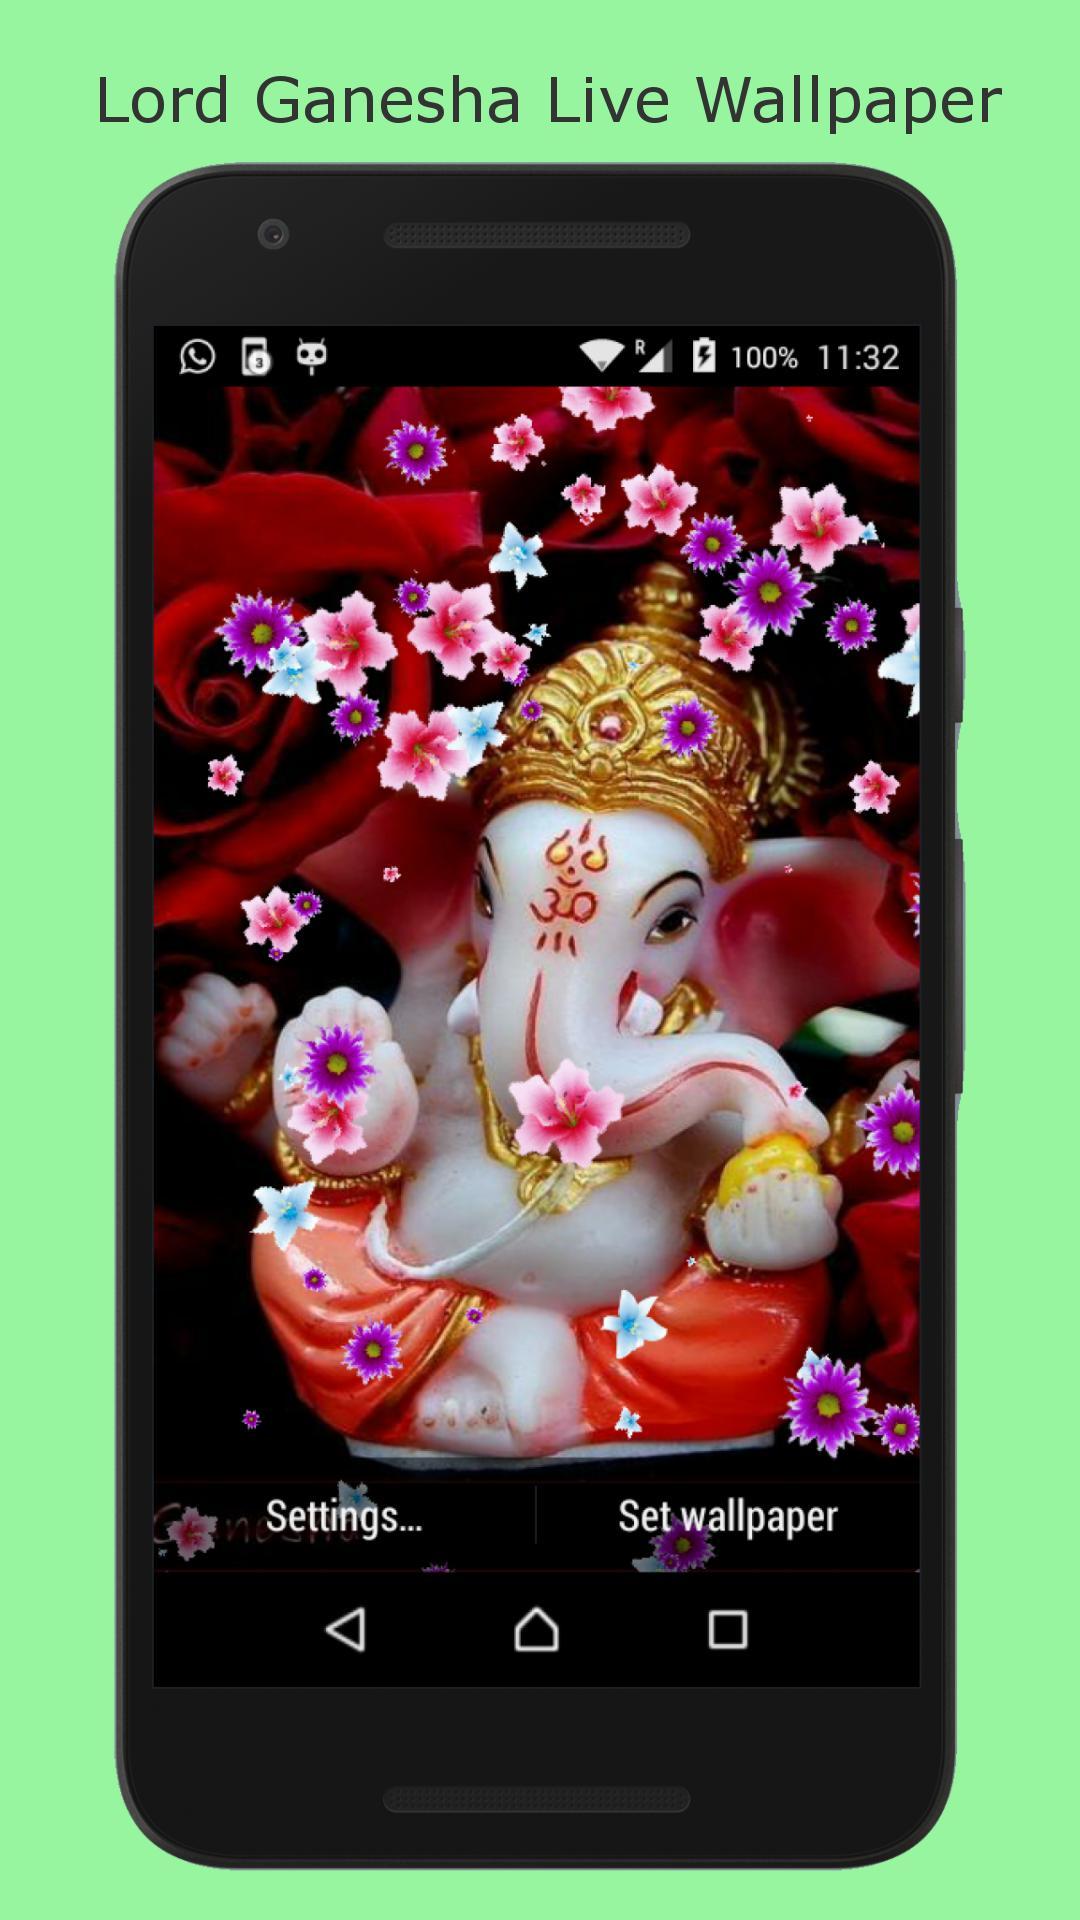 Lord Ganesha Hd Live Wallpaper Für Android Apk Herunterladen